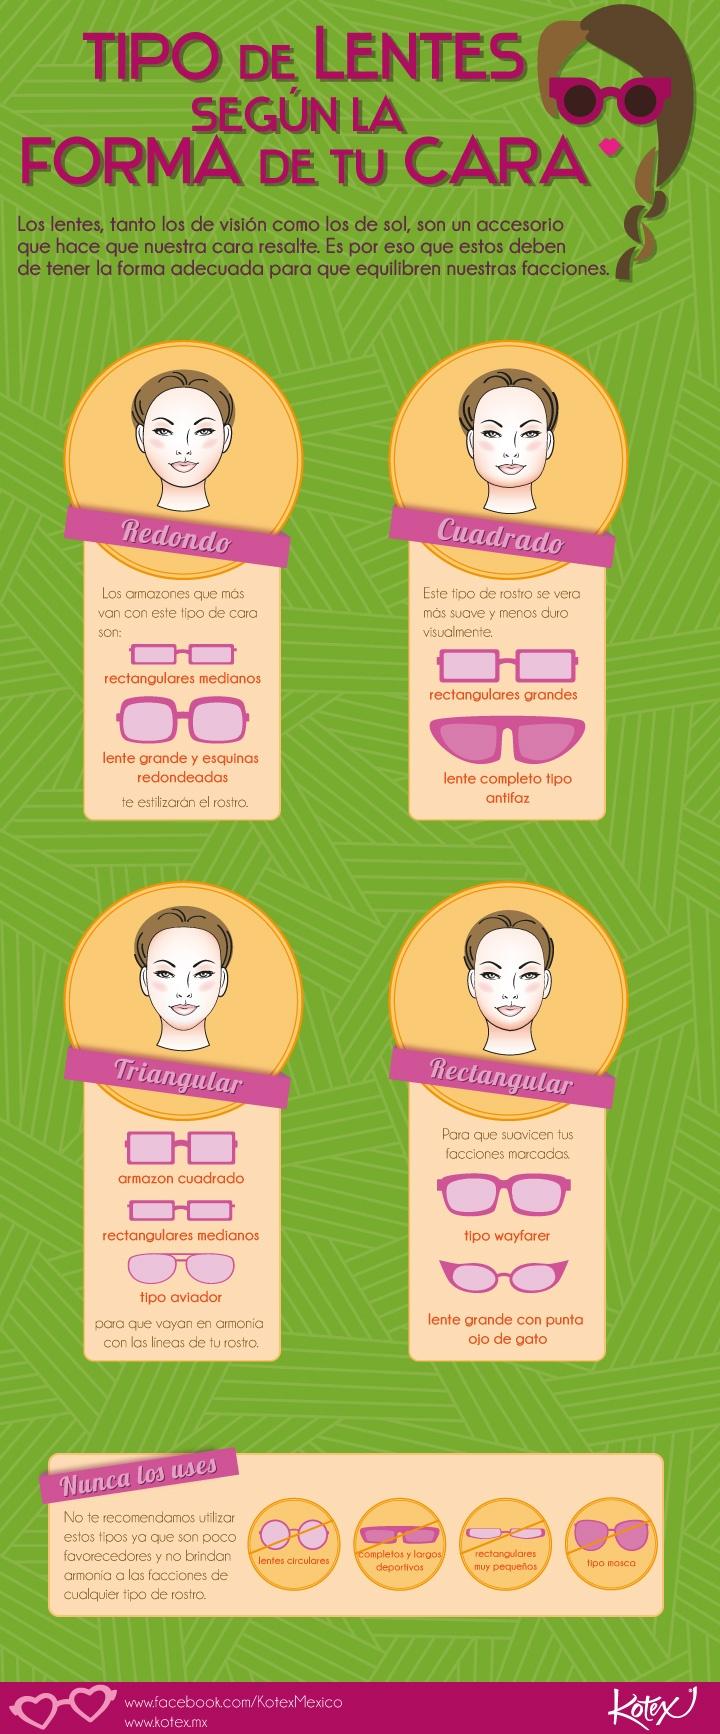 Tipo de lentes según la forma de tu cara.